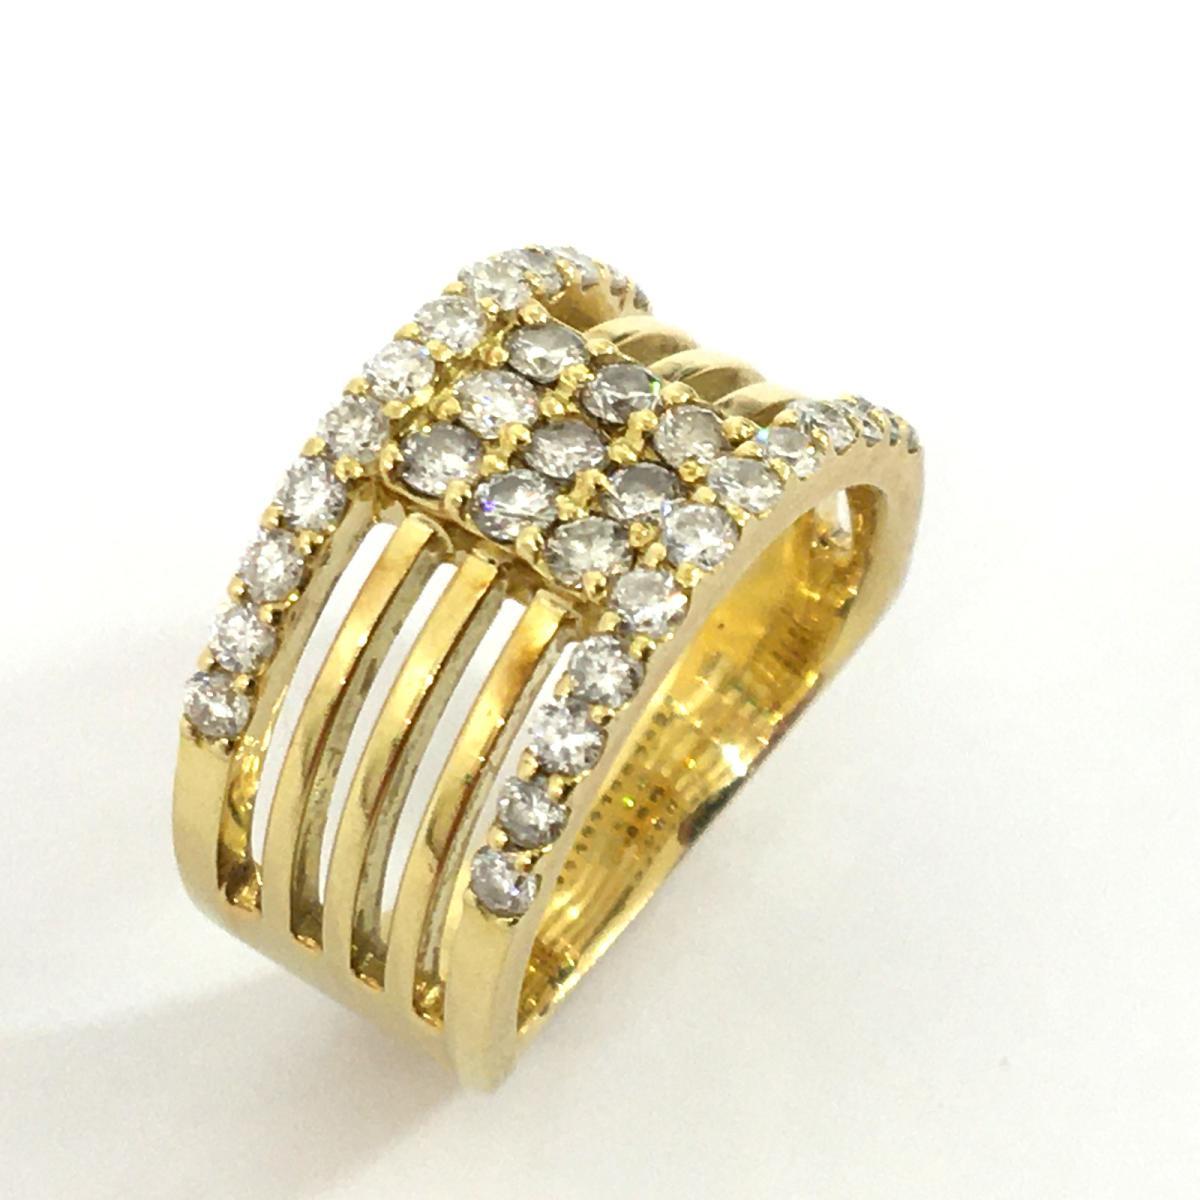 JEWELRY(ジュエリー)/ジュエリー ダイヤモンド リング 指輪/リング/ゴールド系/K18YG(750)イエローゴールド×ダイヤモンド(1.00ct)/【ランクA】/14号【中古】